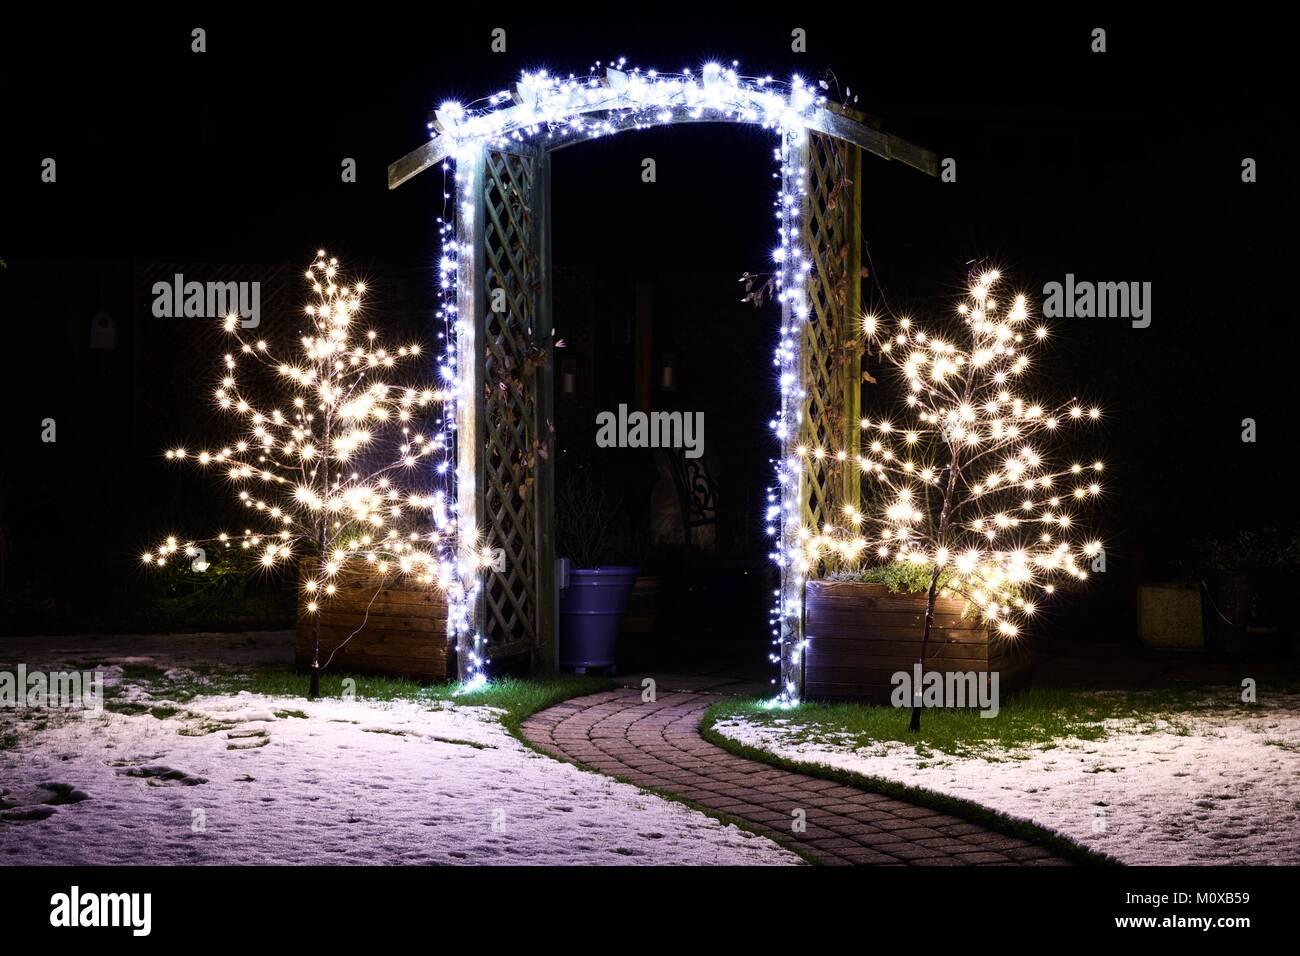 Led Weihnachten.Weihnachten Led Leuchtet Auf Einem Garten Torbogen Und Zwei Bäume